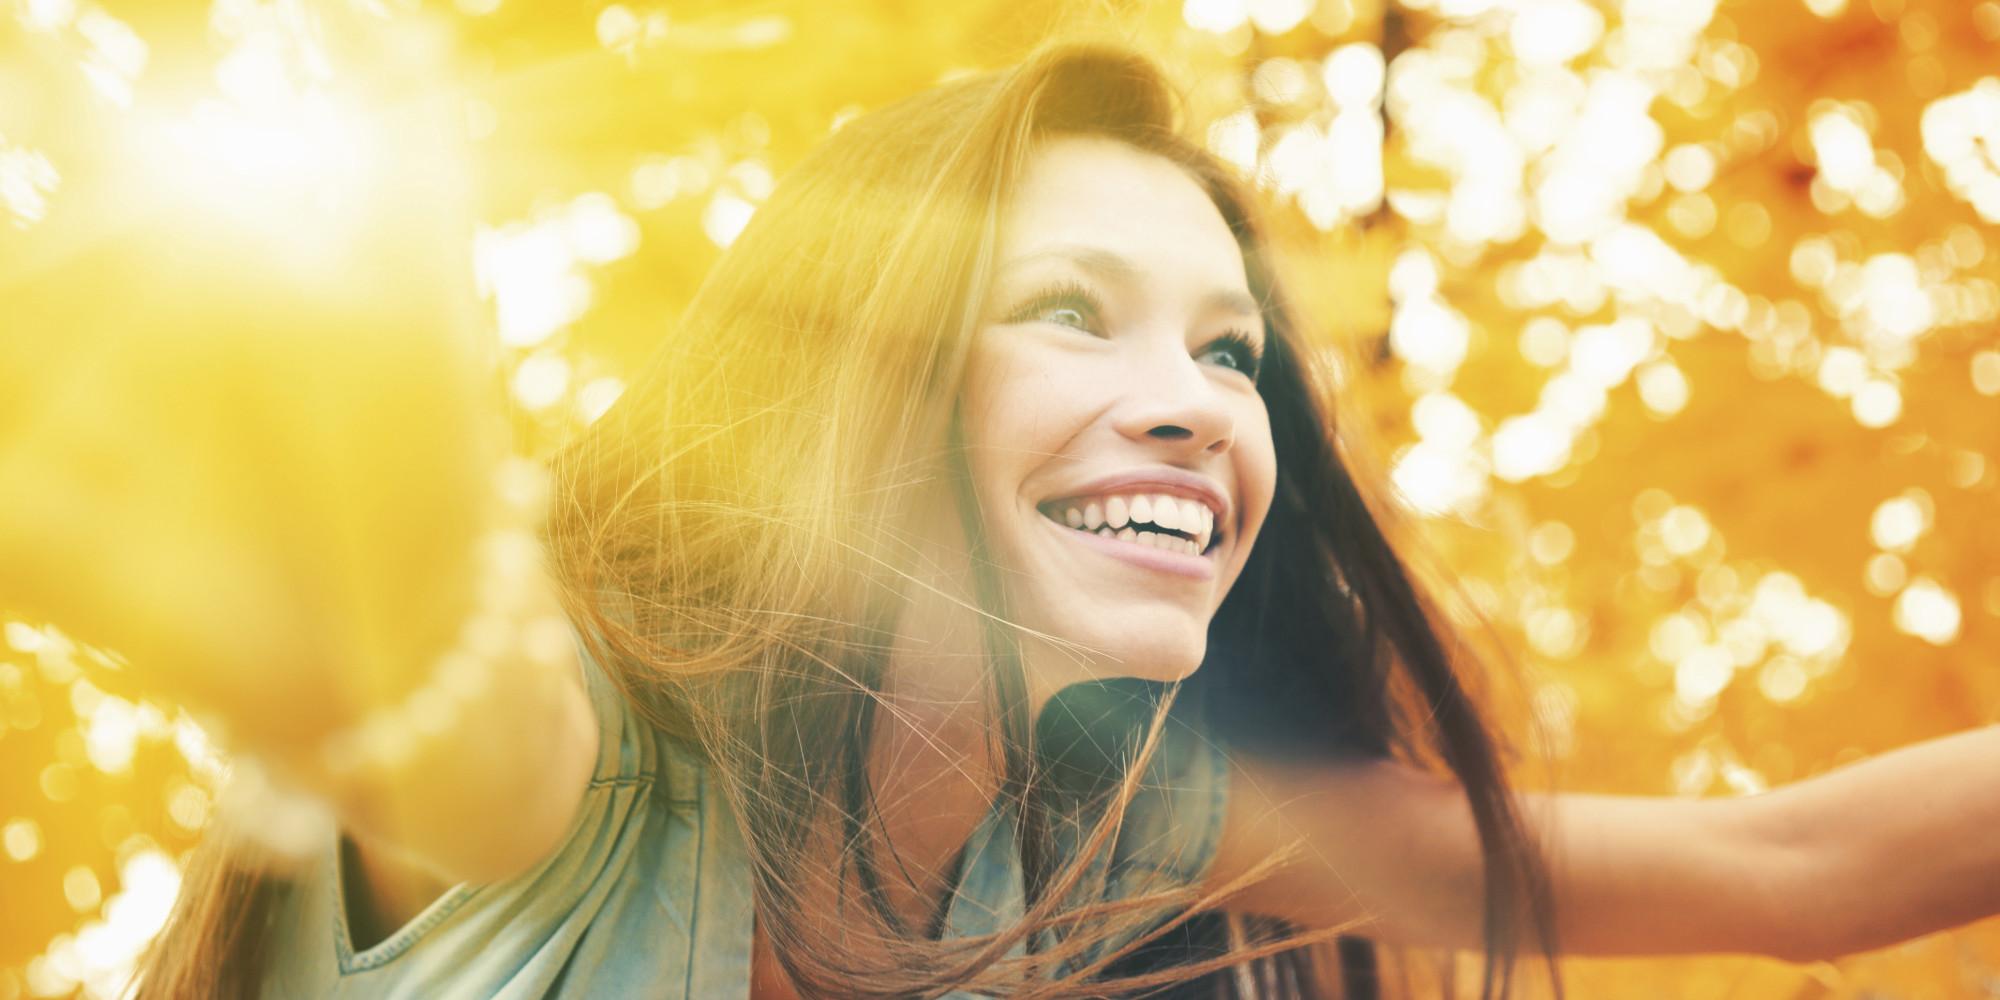 Душата пати  а вие трпите  6 најкратки начини како на време да го промените вашиот живот